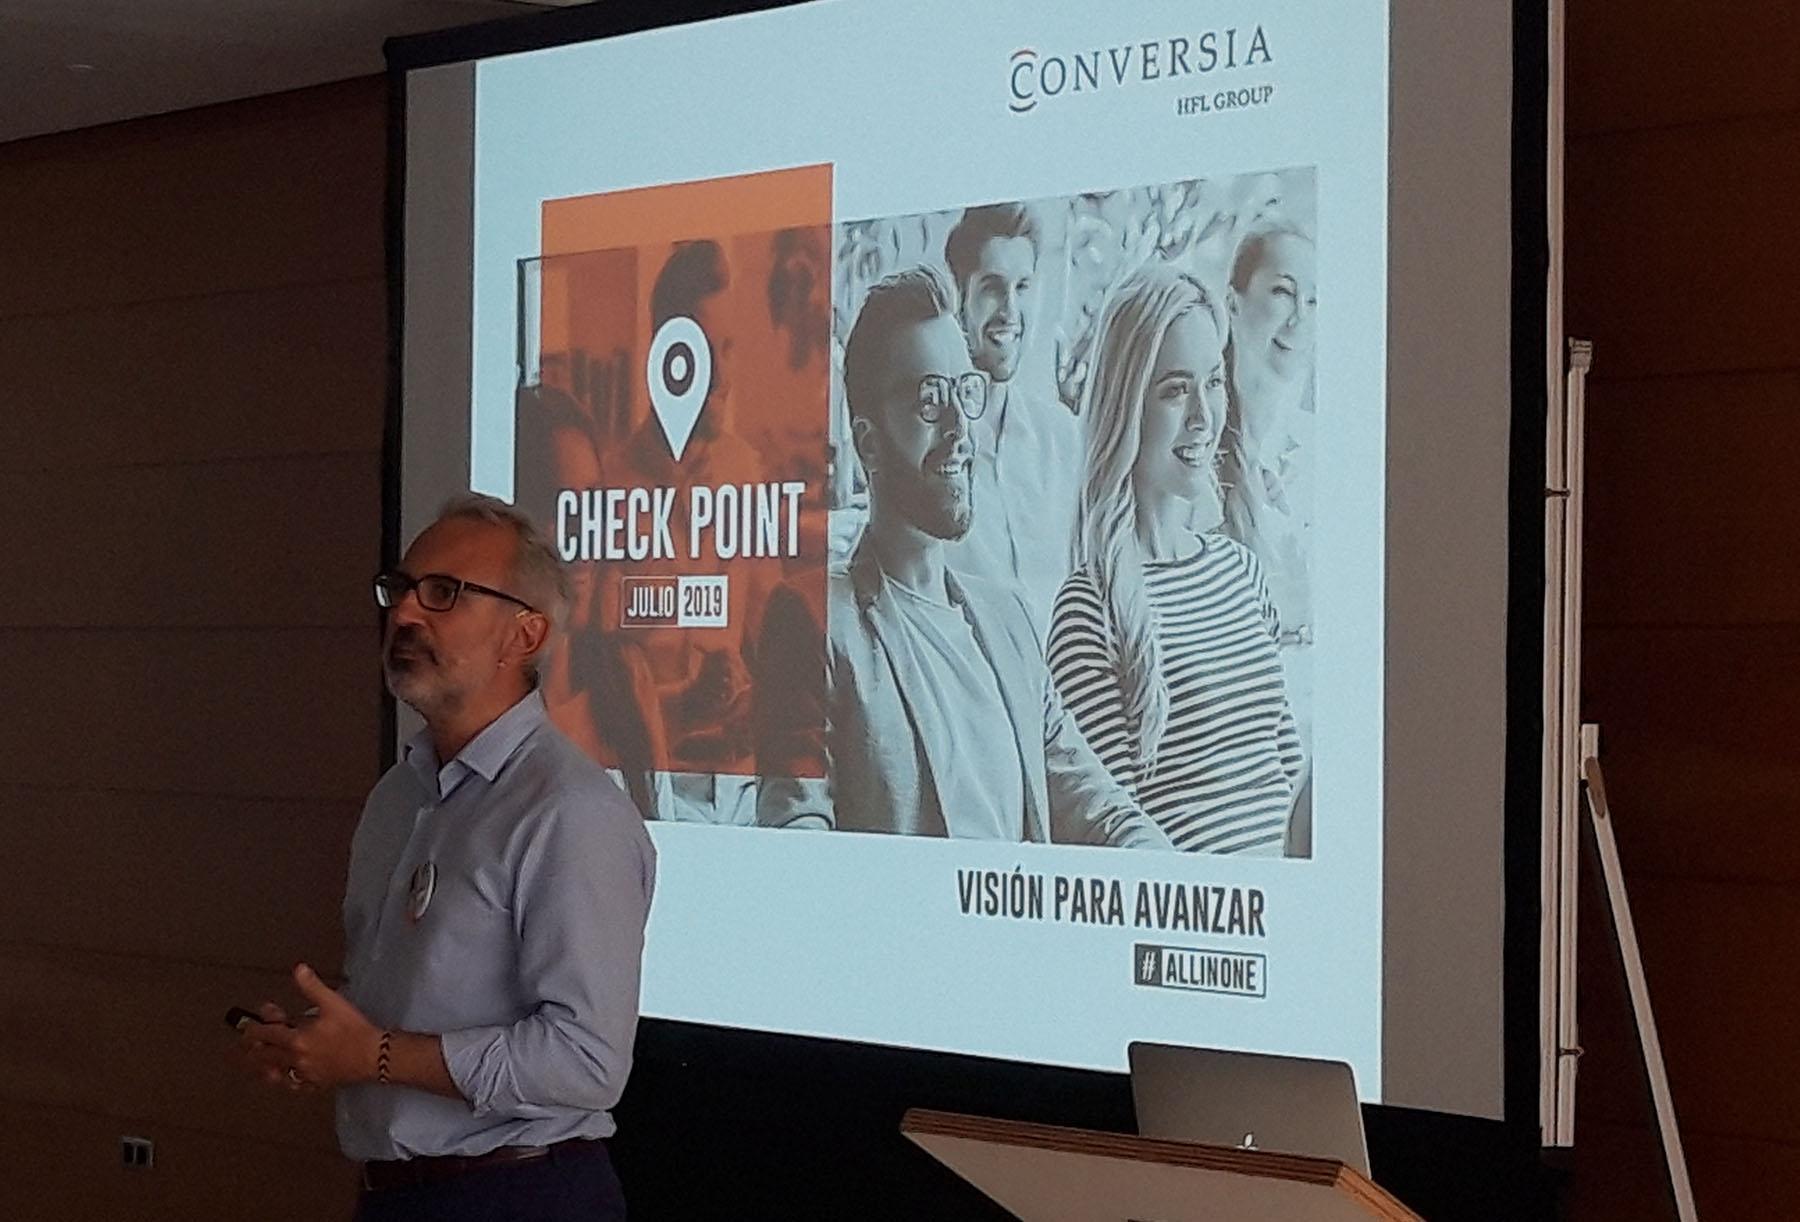 El Director General de Conversia, Alfonso Corral, durante la presentación de su Informe.